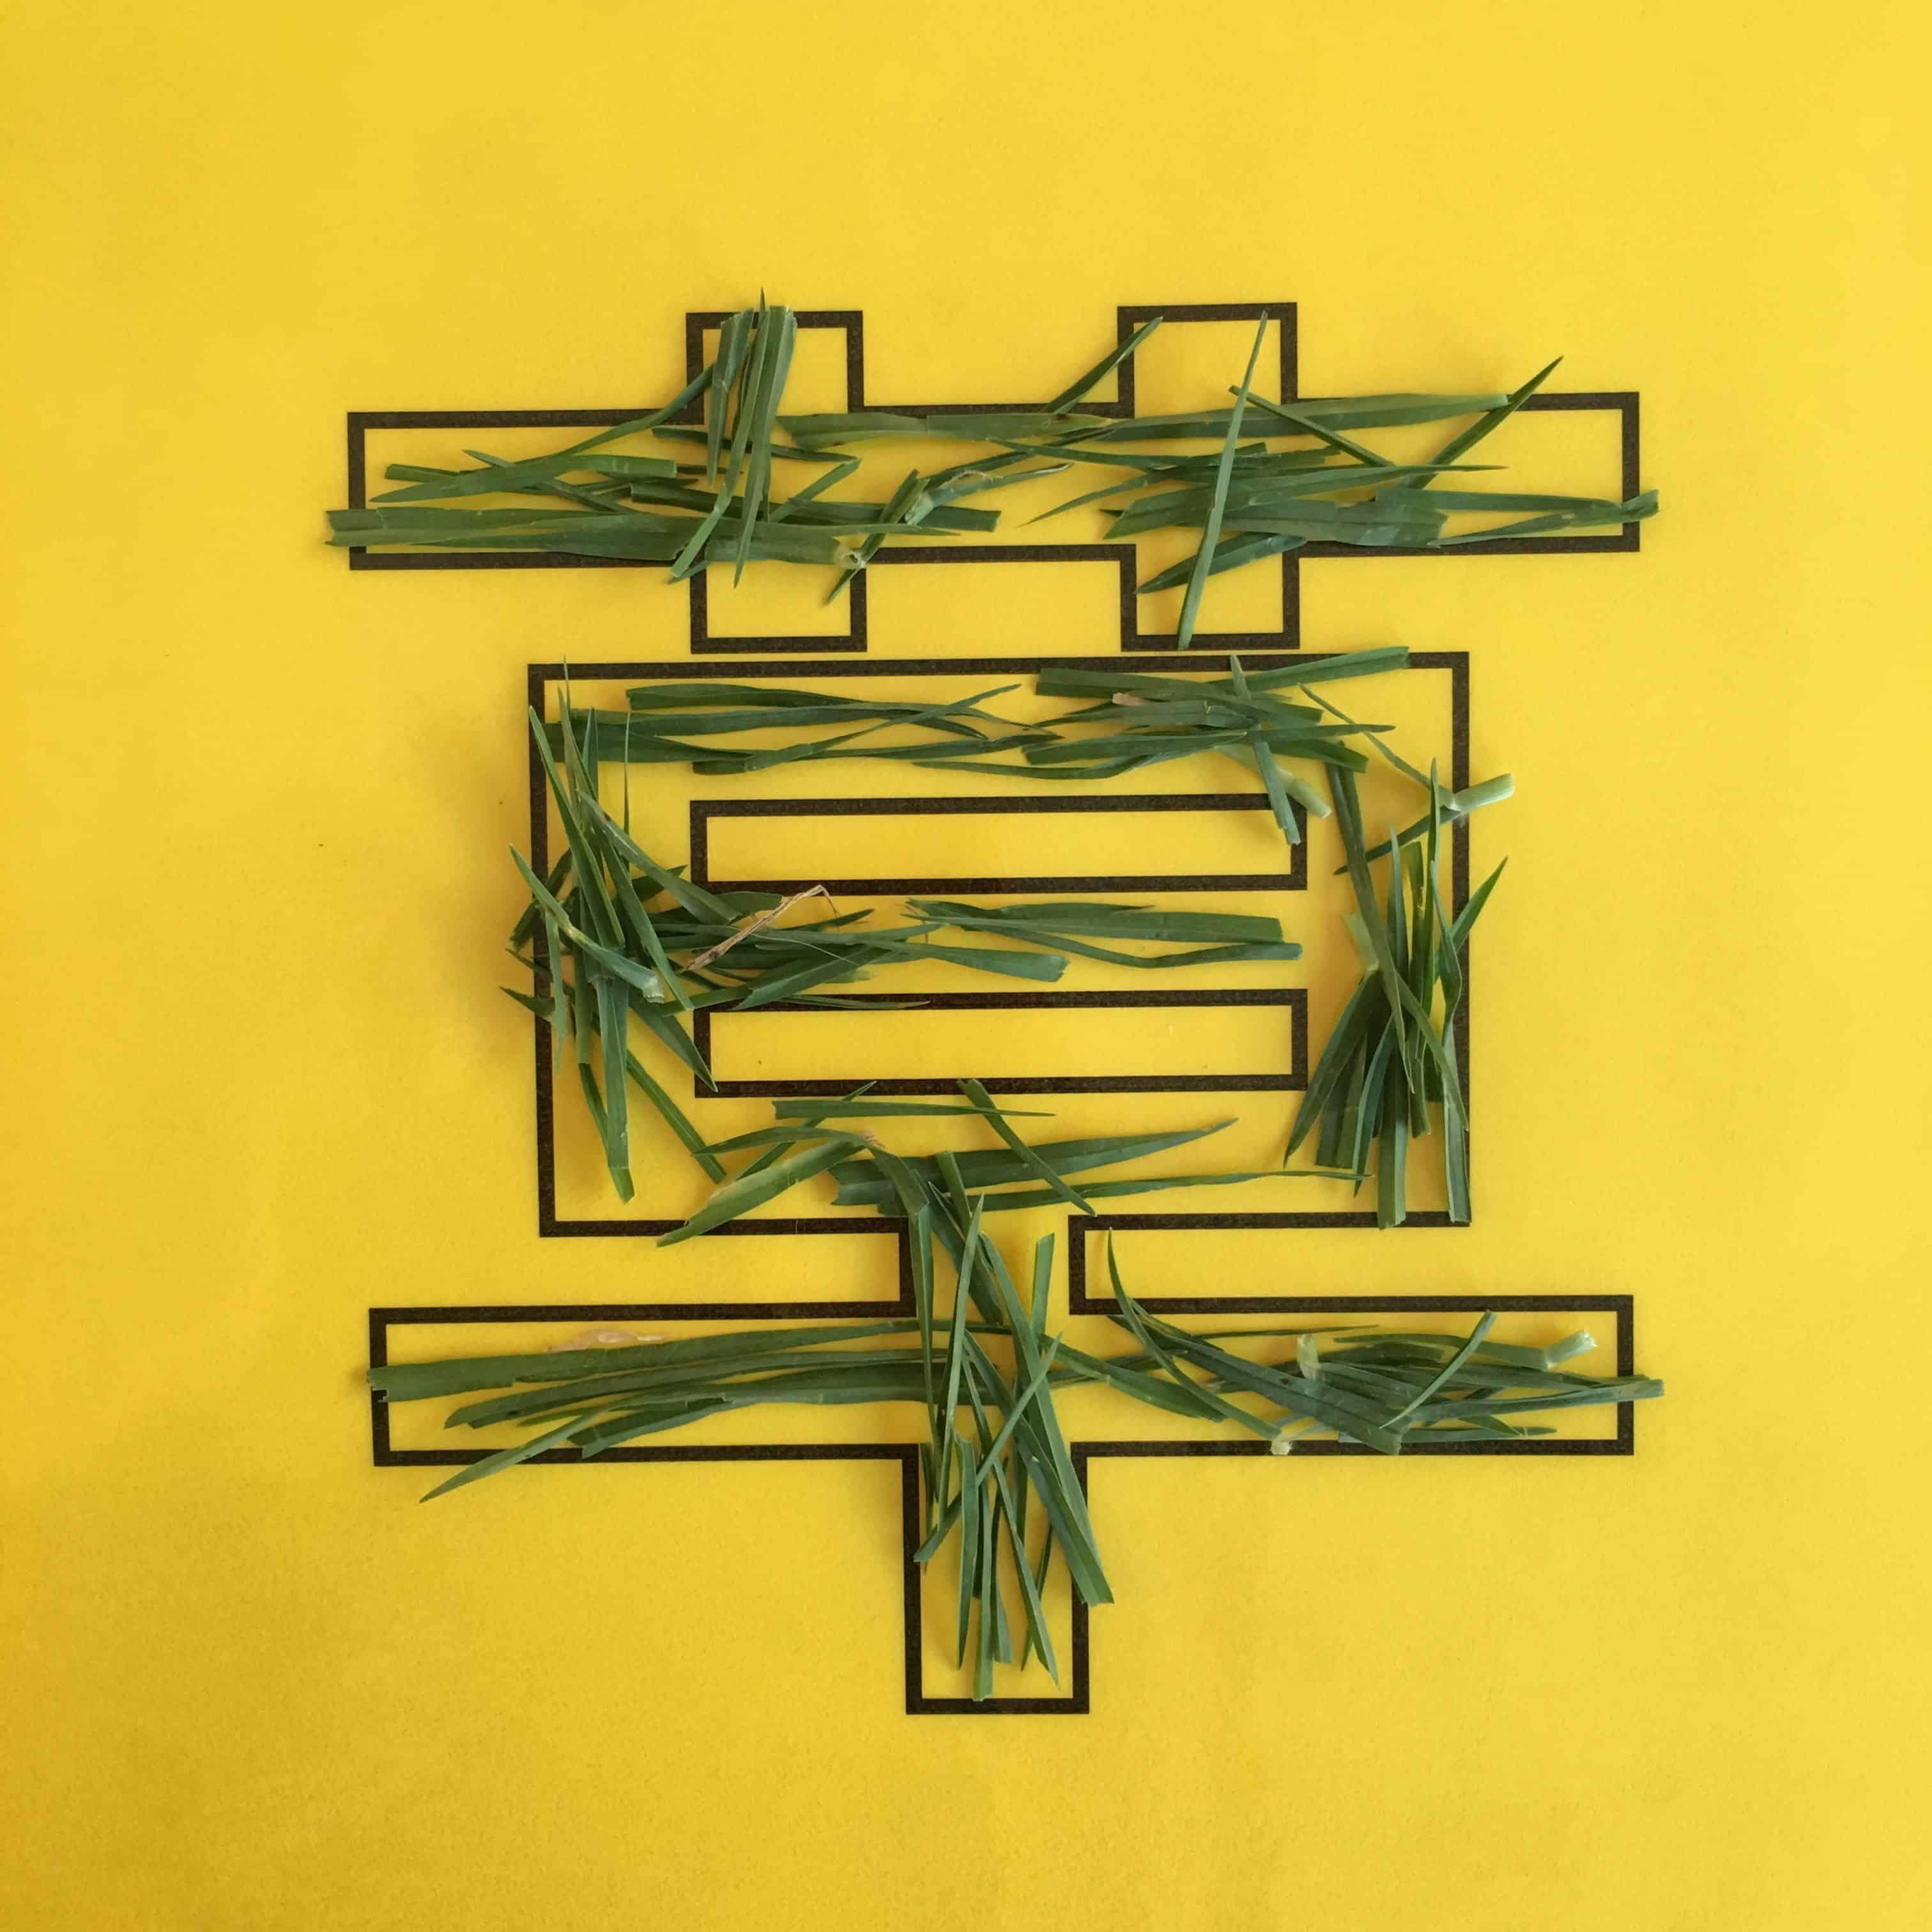 草 Chinese character with blades of grass